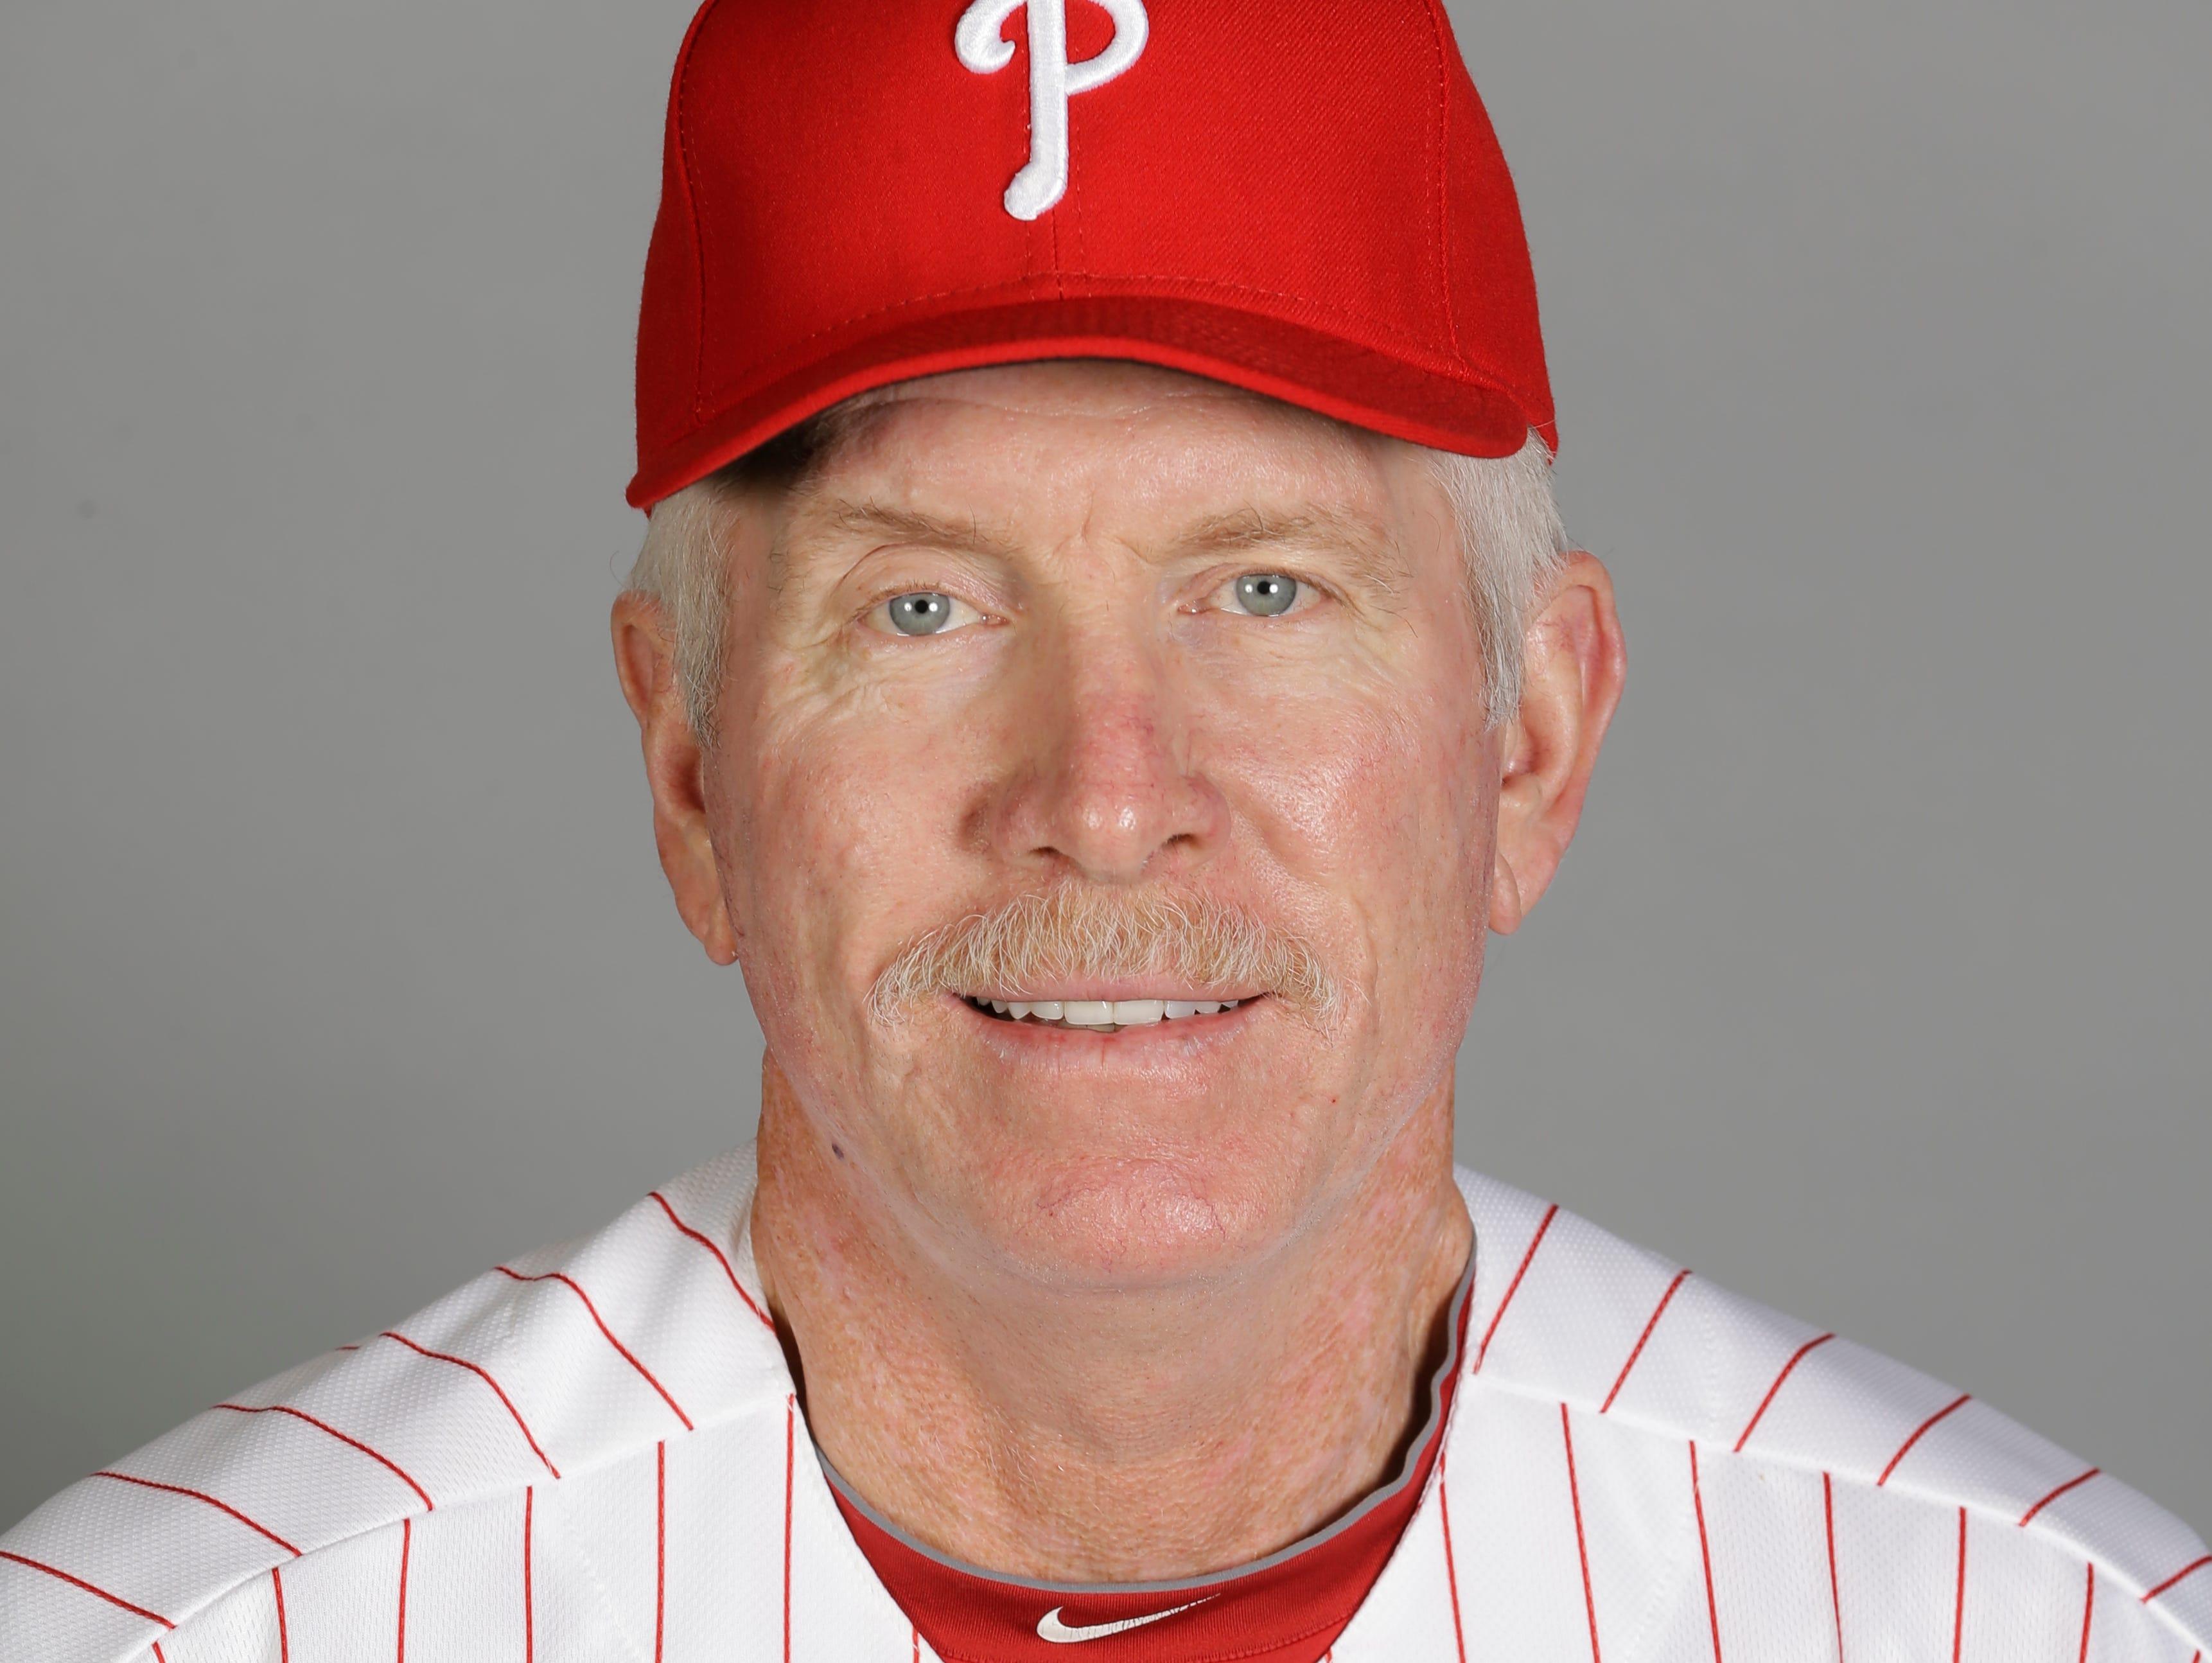 Phillies great Mike Schmidt